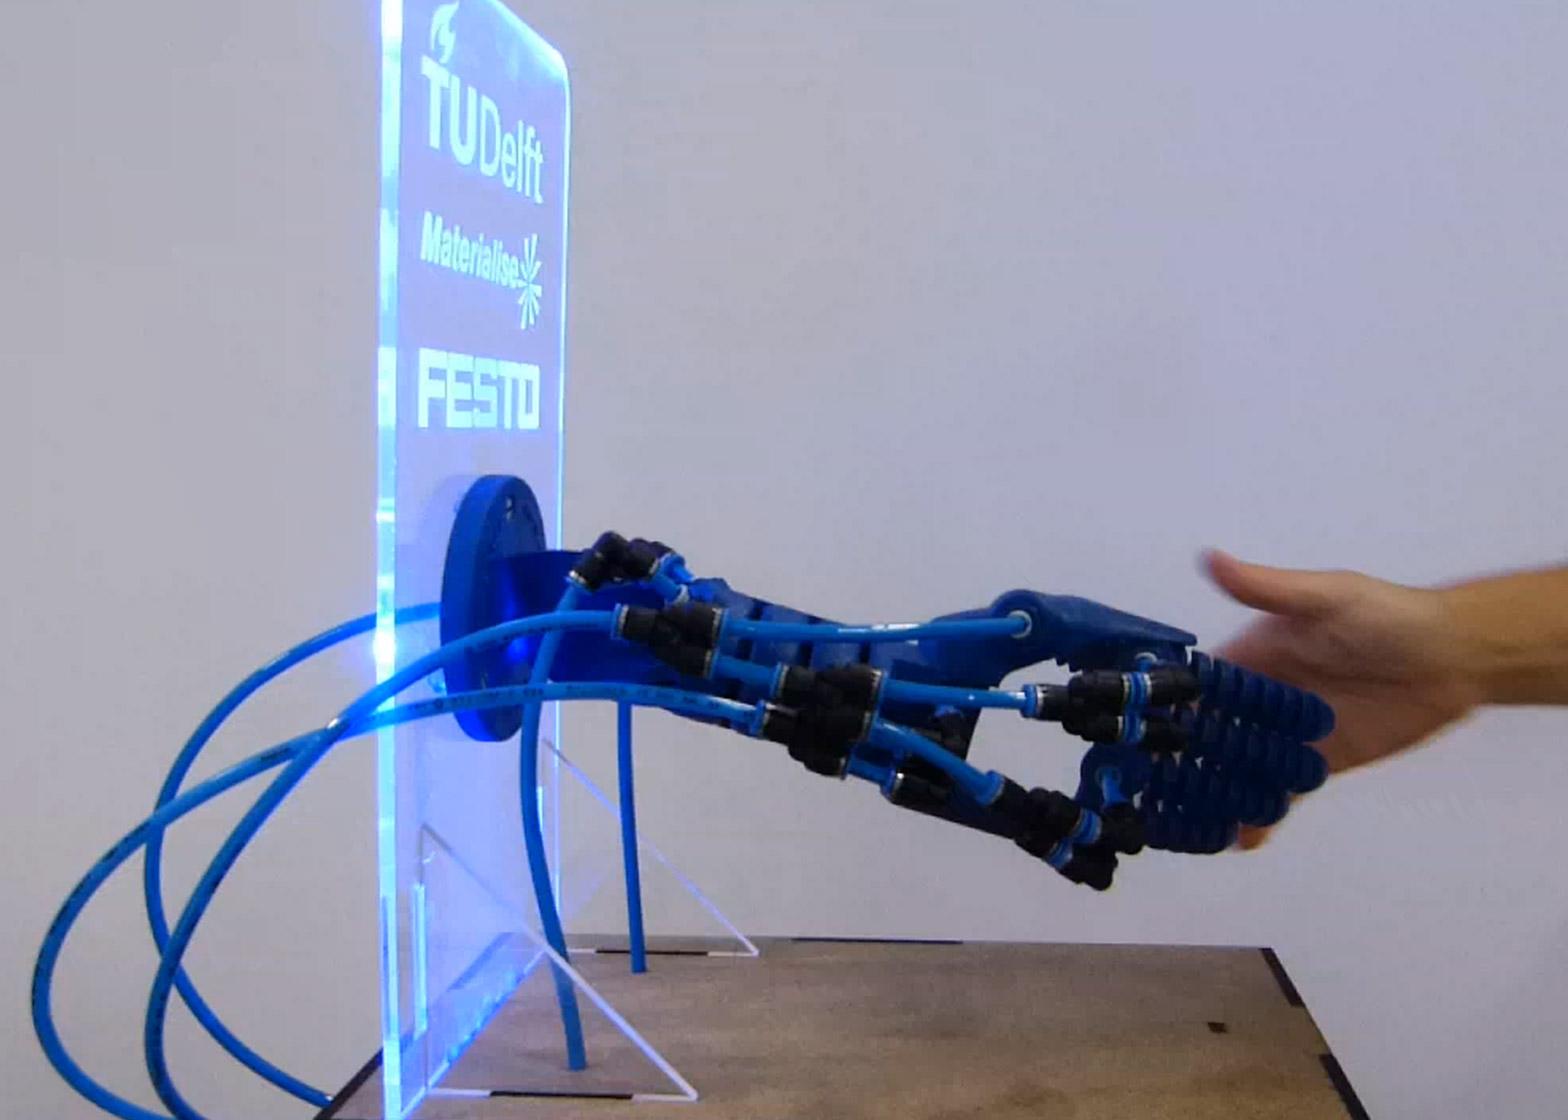 Роботизированная рука, созданная при помощи 3D-печати, способна ответить на рукопожатие